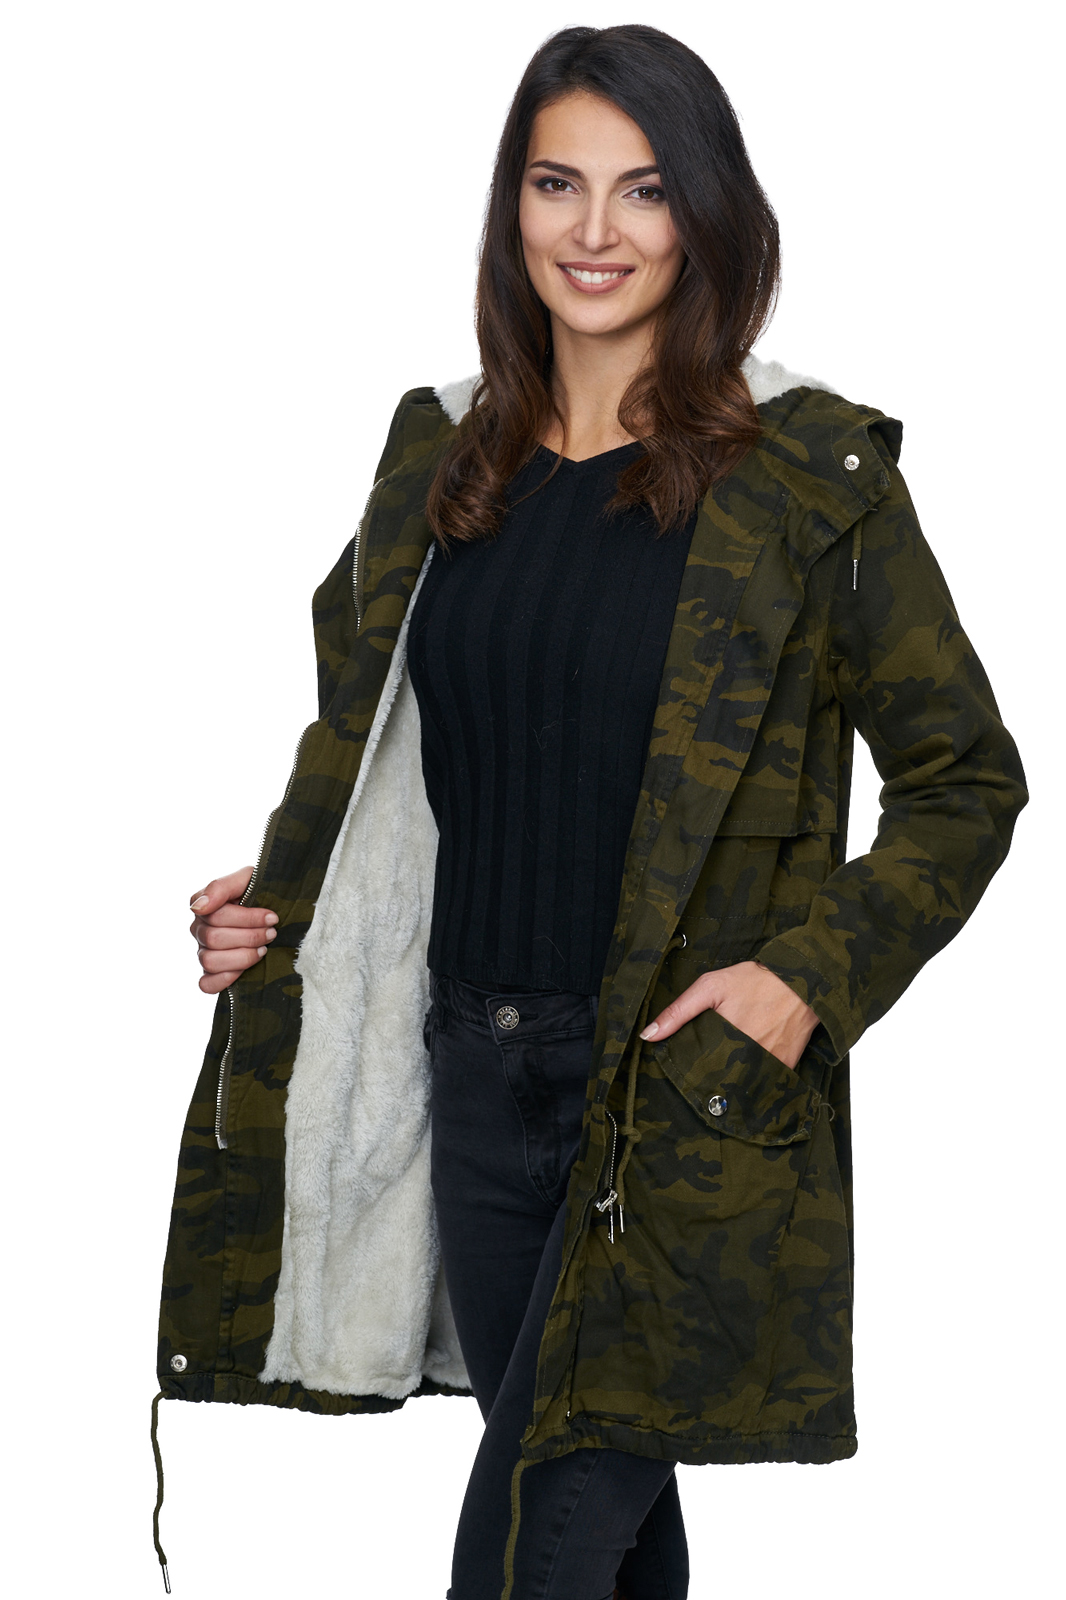 damen winter jacke camouflage mantel warm parka gr n gelb. Black Bedroom Furniture Sets. Home Design Ideas